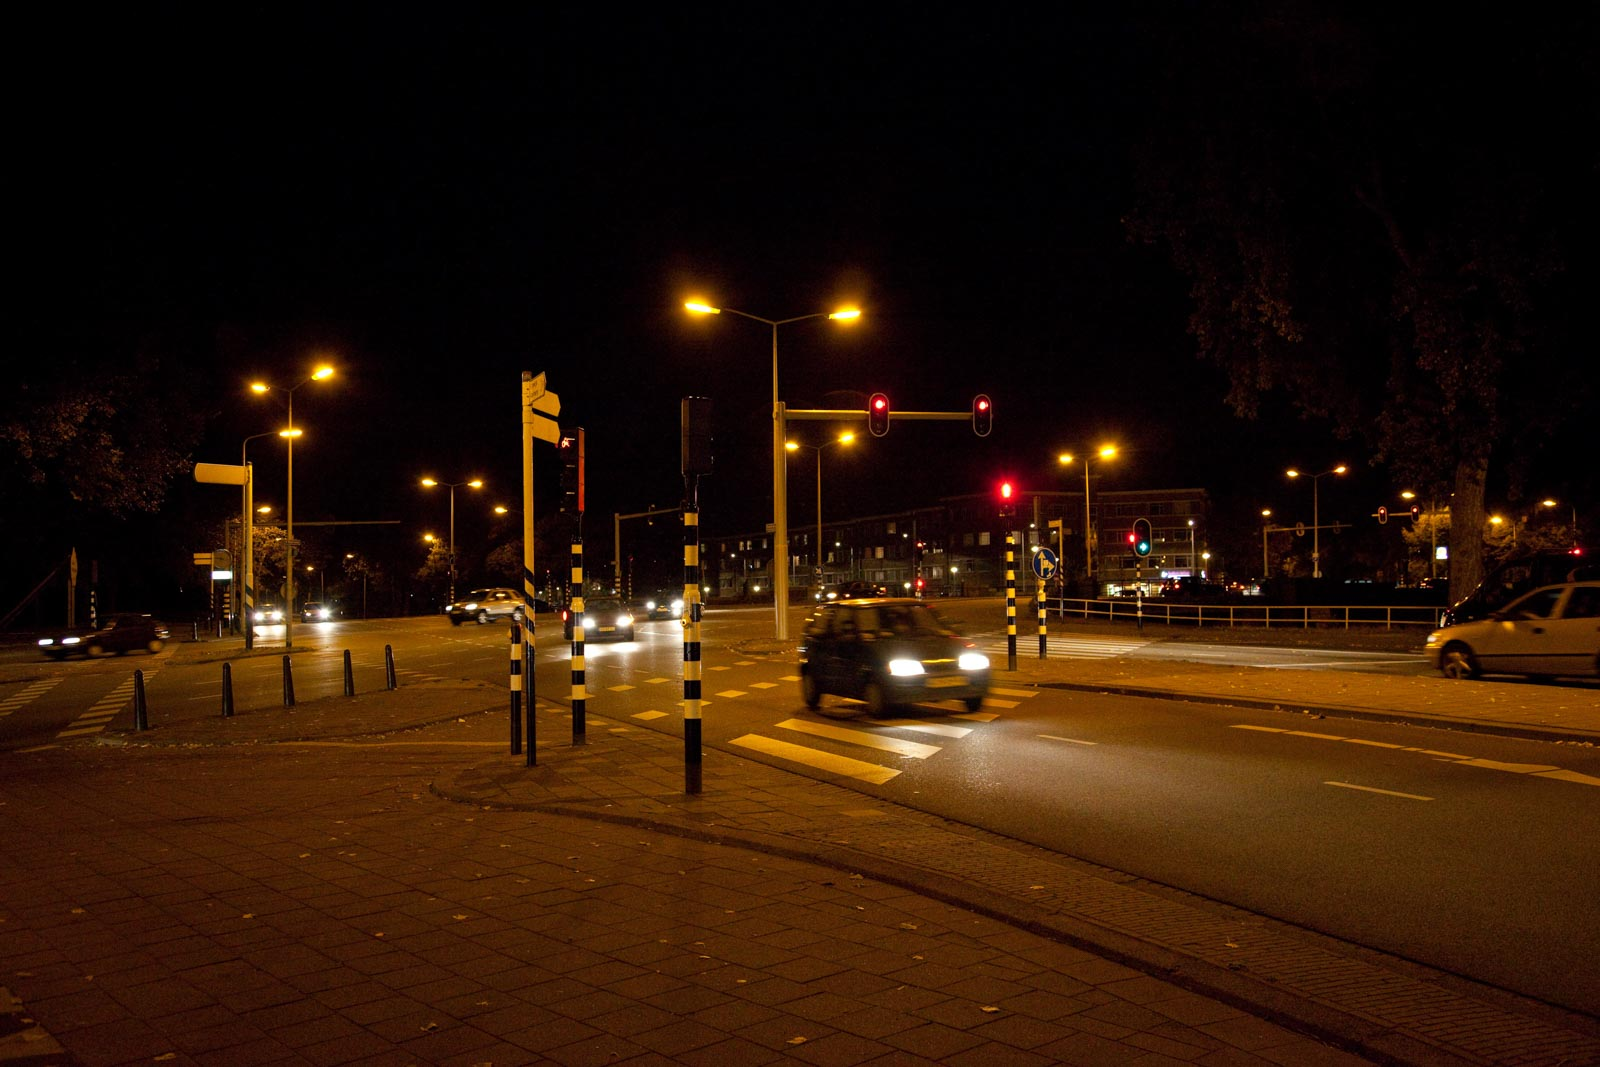 Nachtfoto van rijdende auto met korte sluitertijd